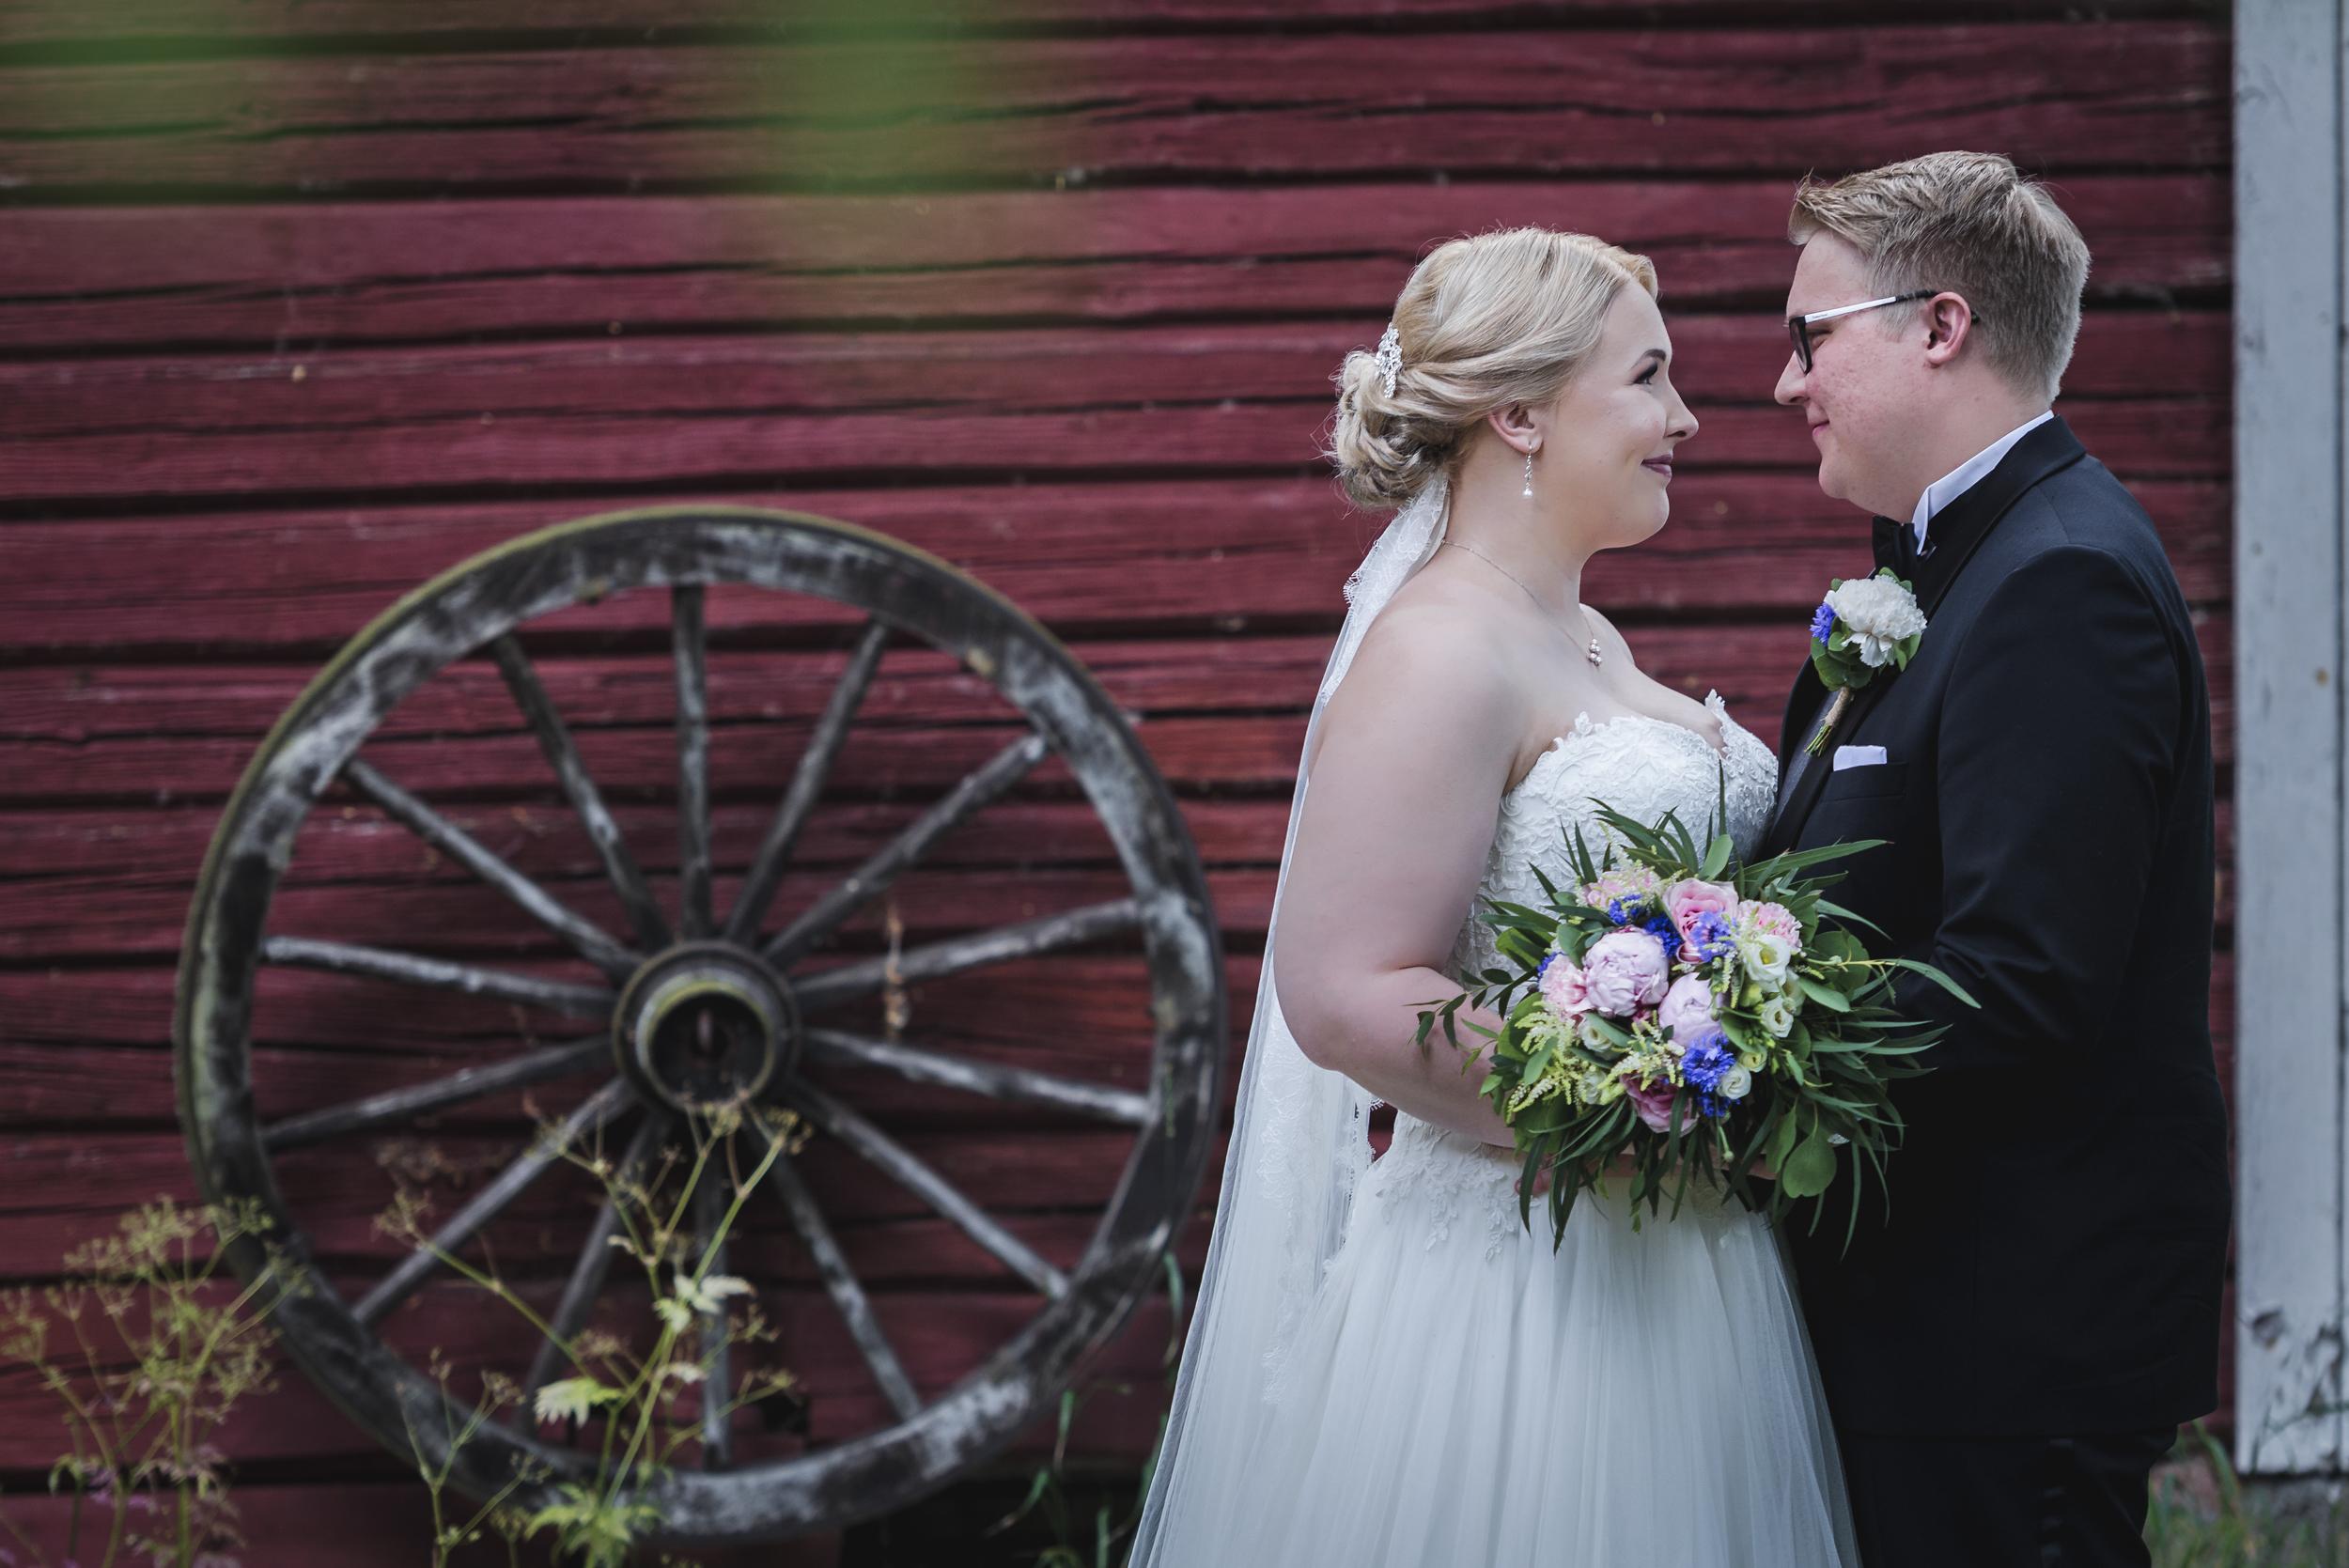 Emma ja Joel potretit-1.jpg